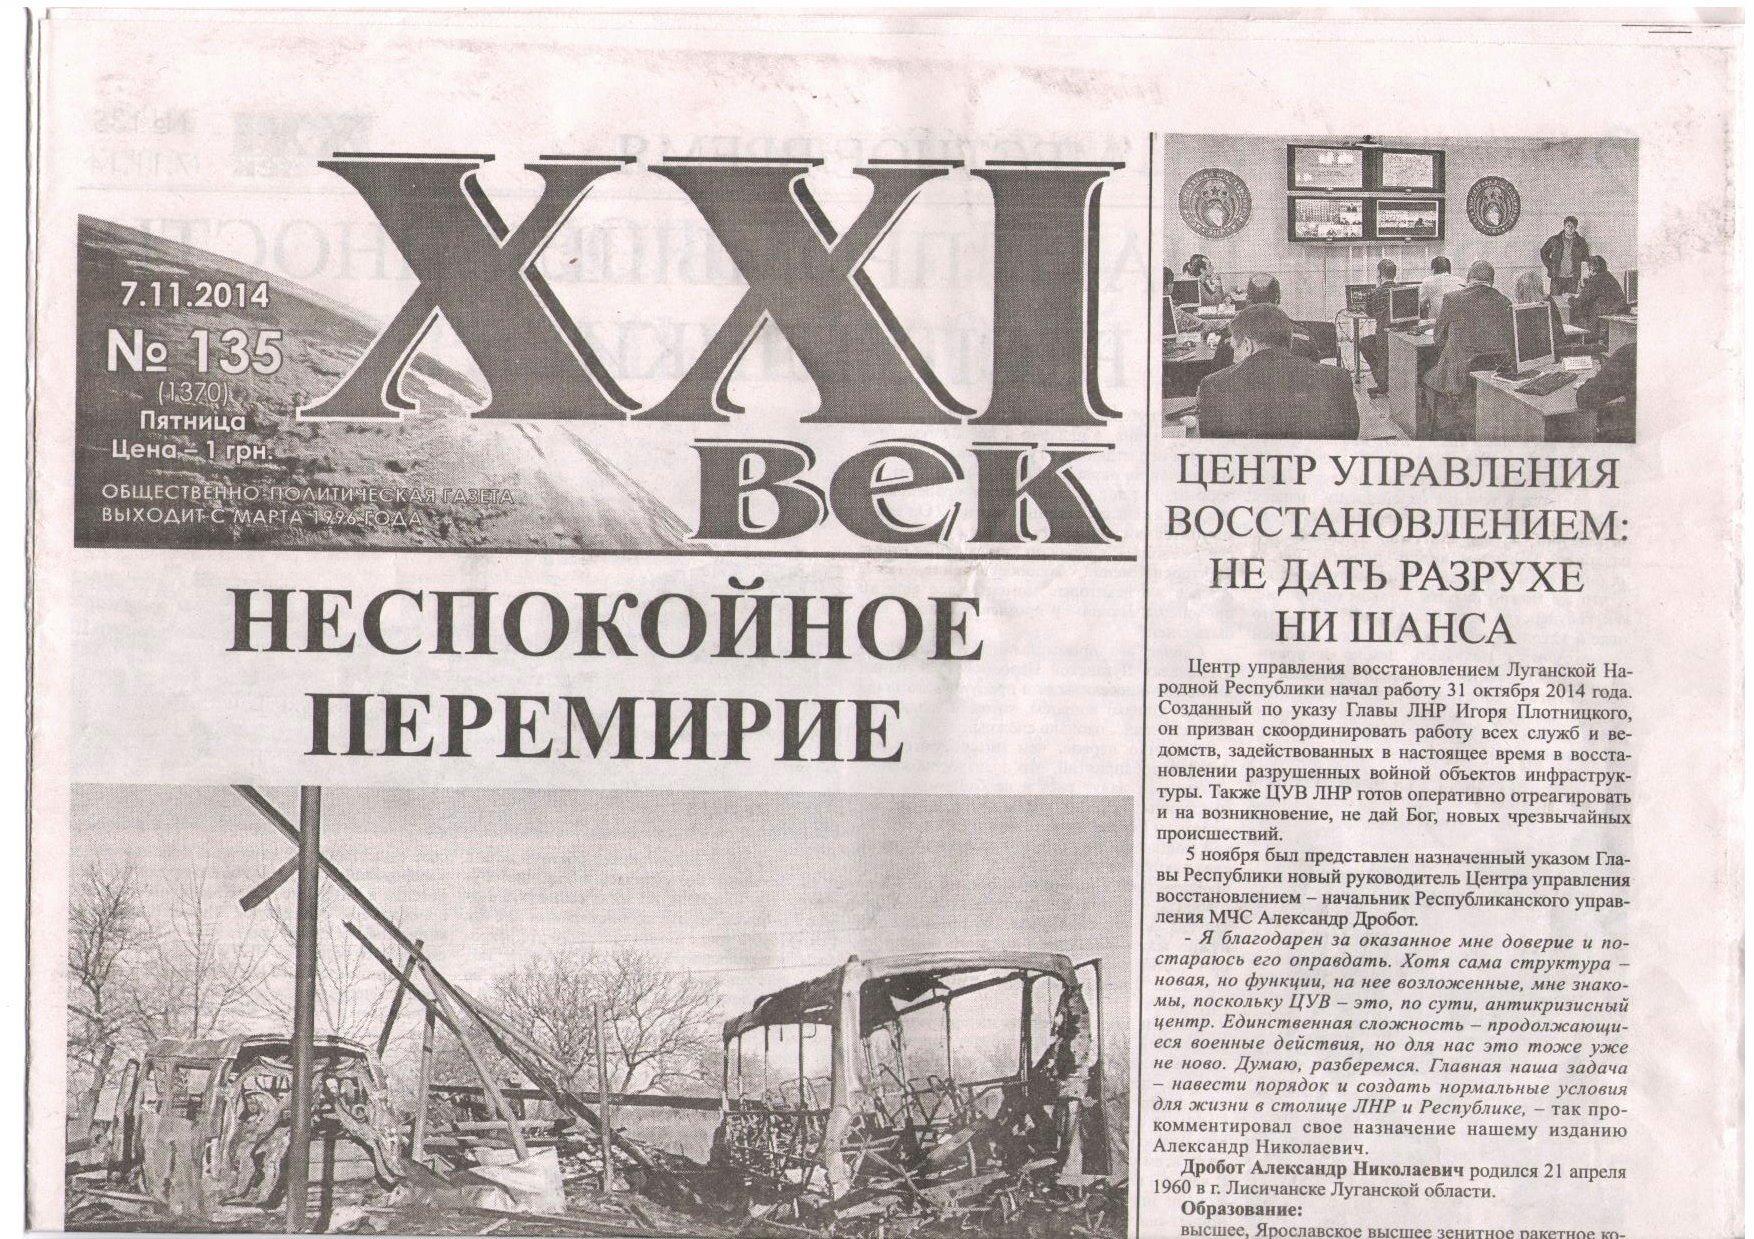 Вопрос люстрации главы СБУ Наливайченко будет рассматривать спецкомиссия, - глава Минюста - Цензор.НЕТ 9191